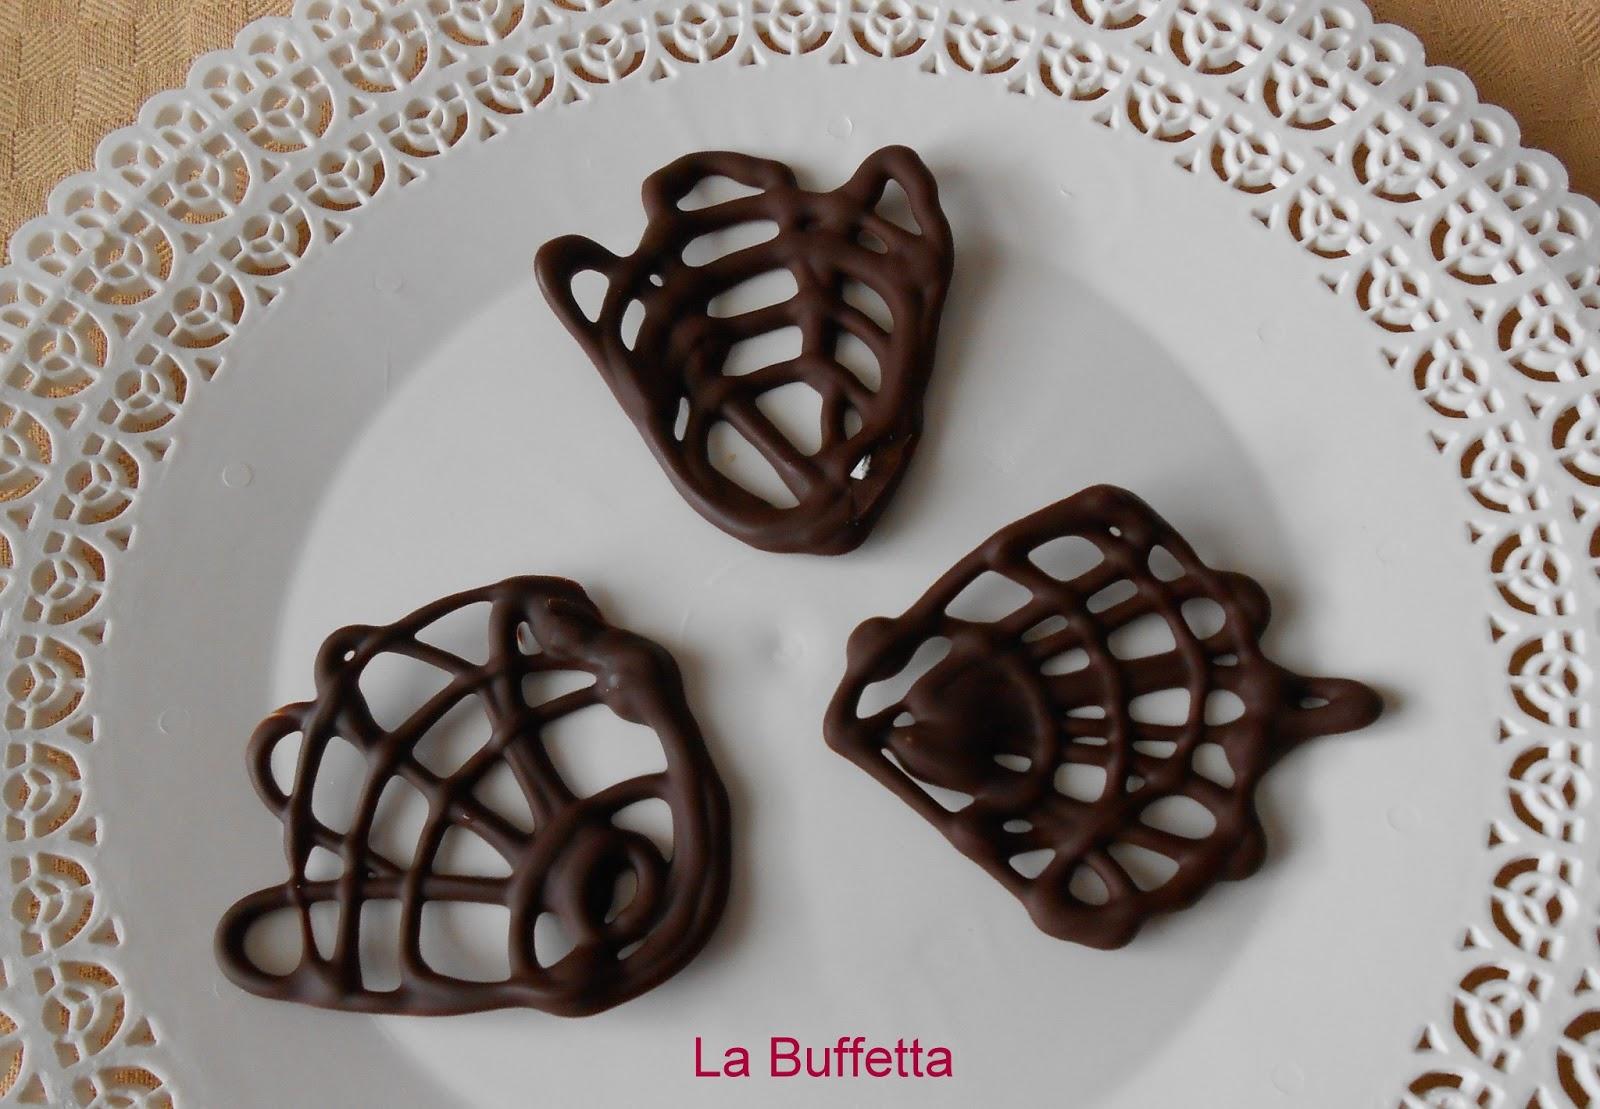 La buffetta il blog di ricette fotografate passo passo for Decorazioni di cioccolato per torte